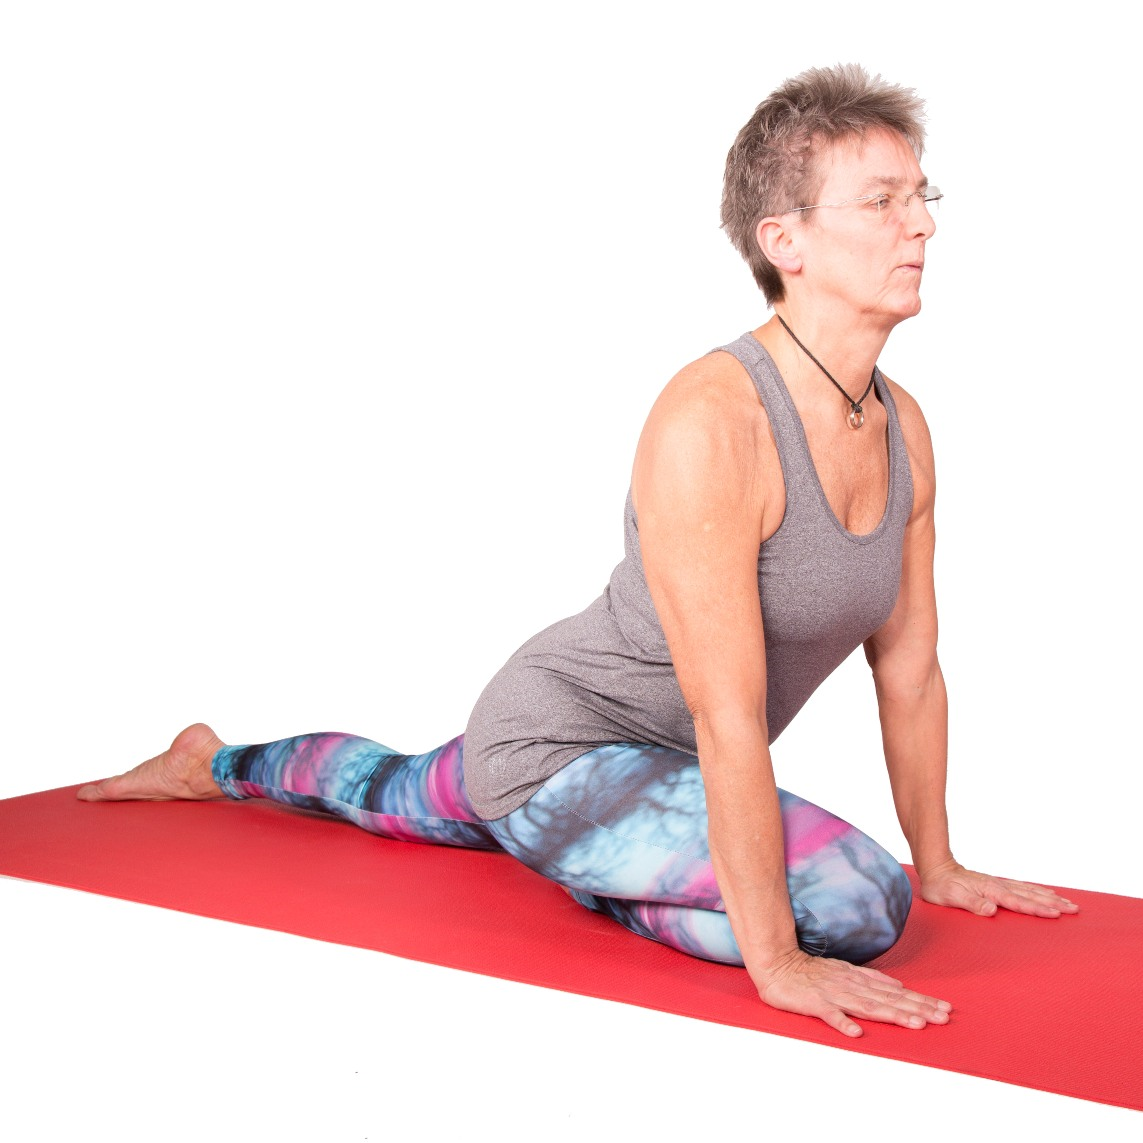 Eifel-Yoga-Therapie / Yoga als Prävention und Therapie